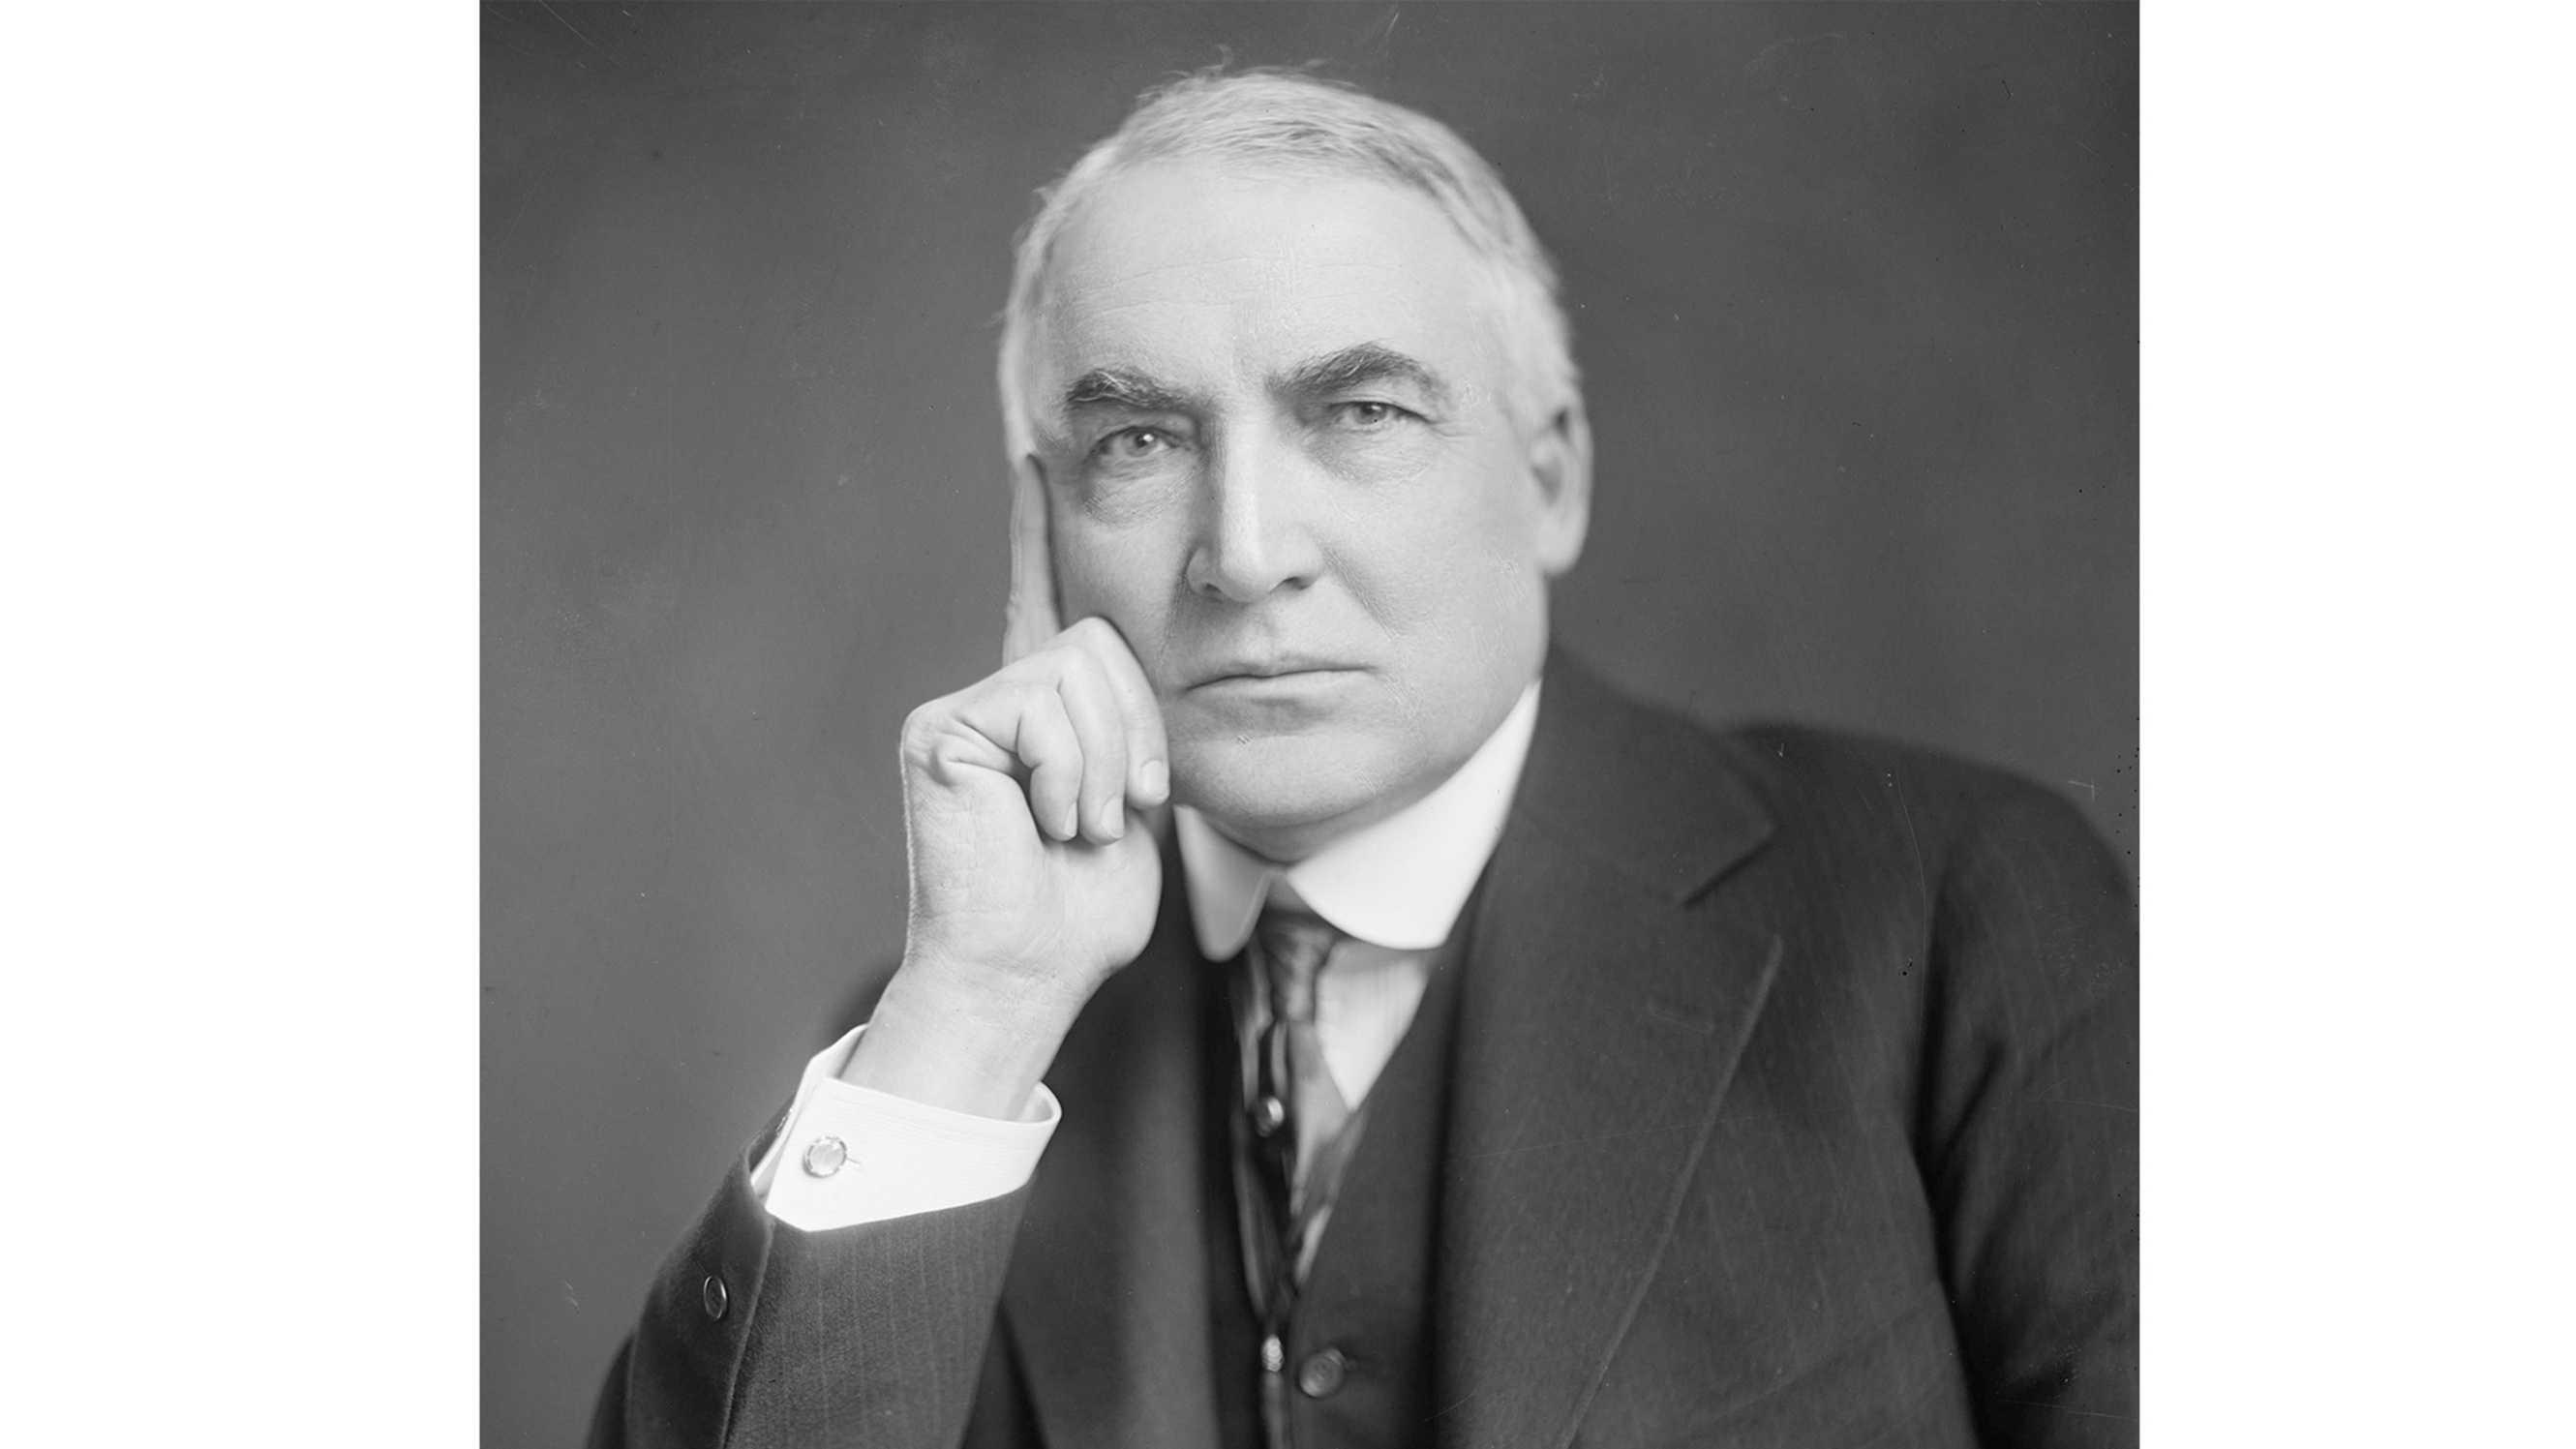 Former president Warren G. Harding